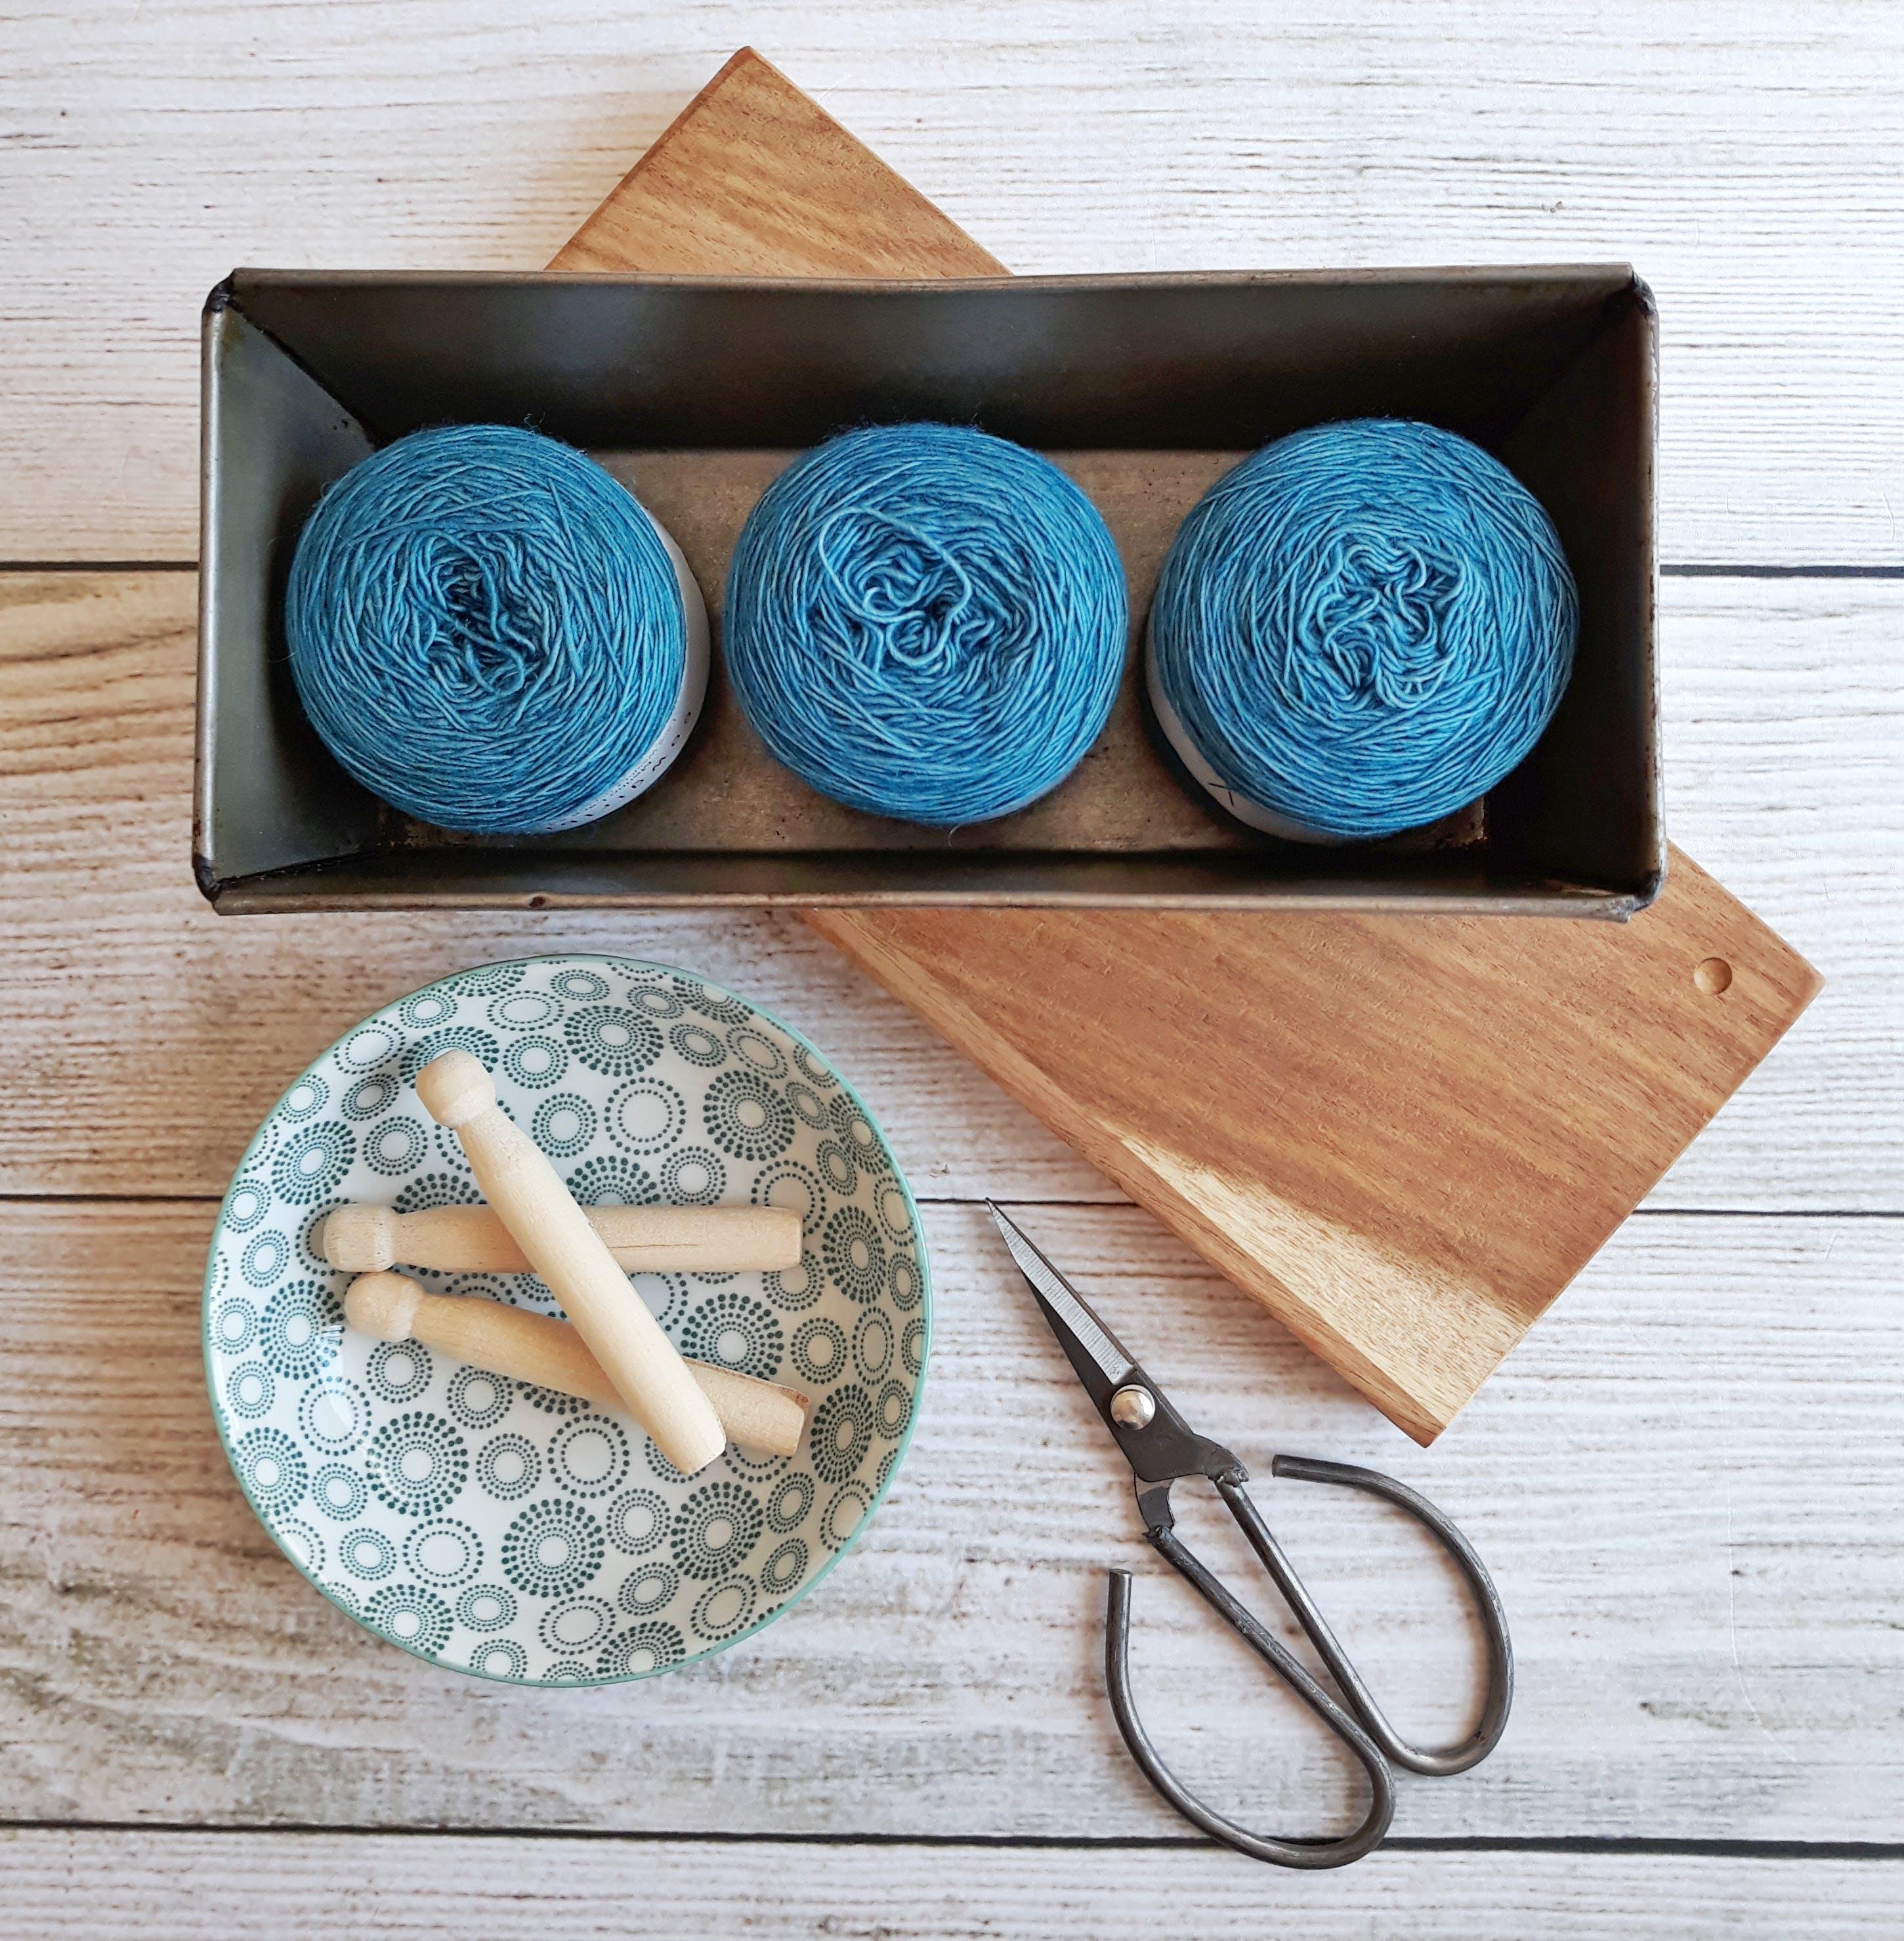 Three Blue Yarn Threads